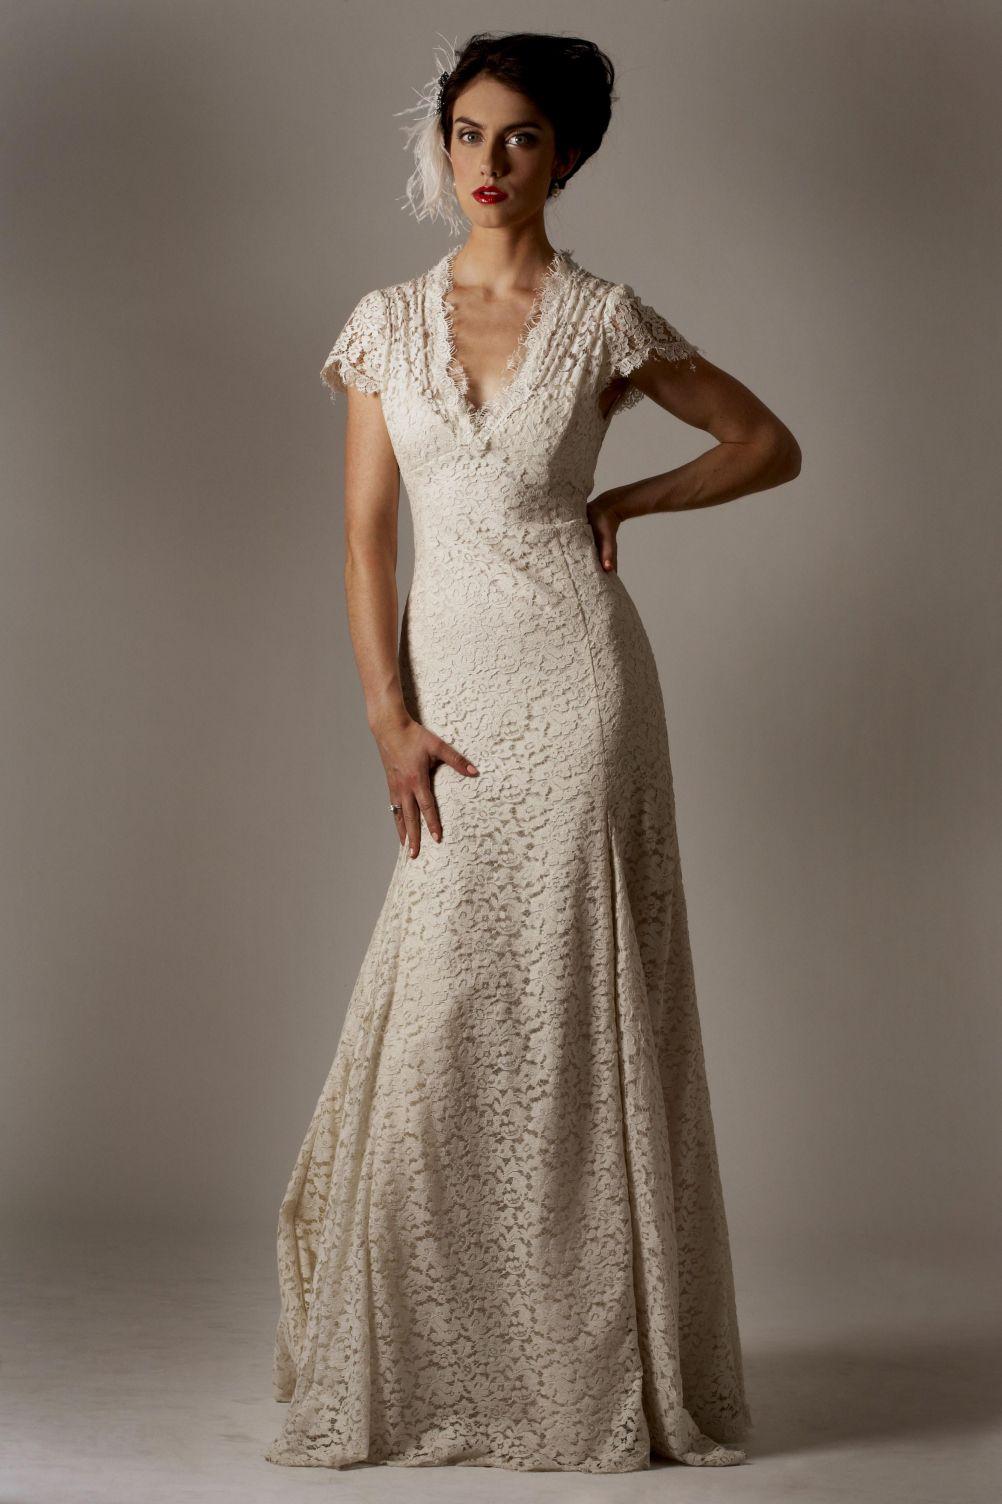 Casual Wedding Dresses for Older Brides Wedding Dresses